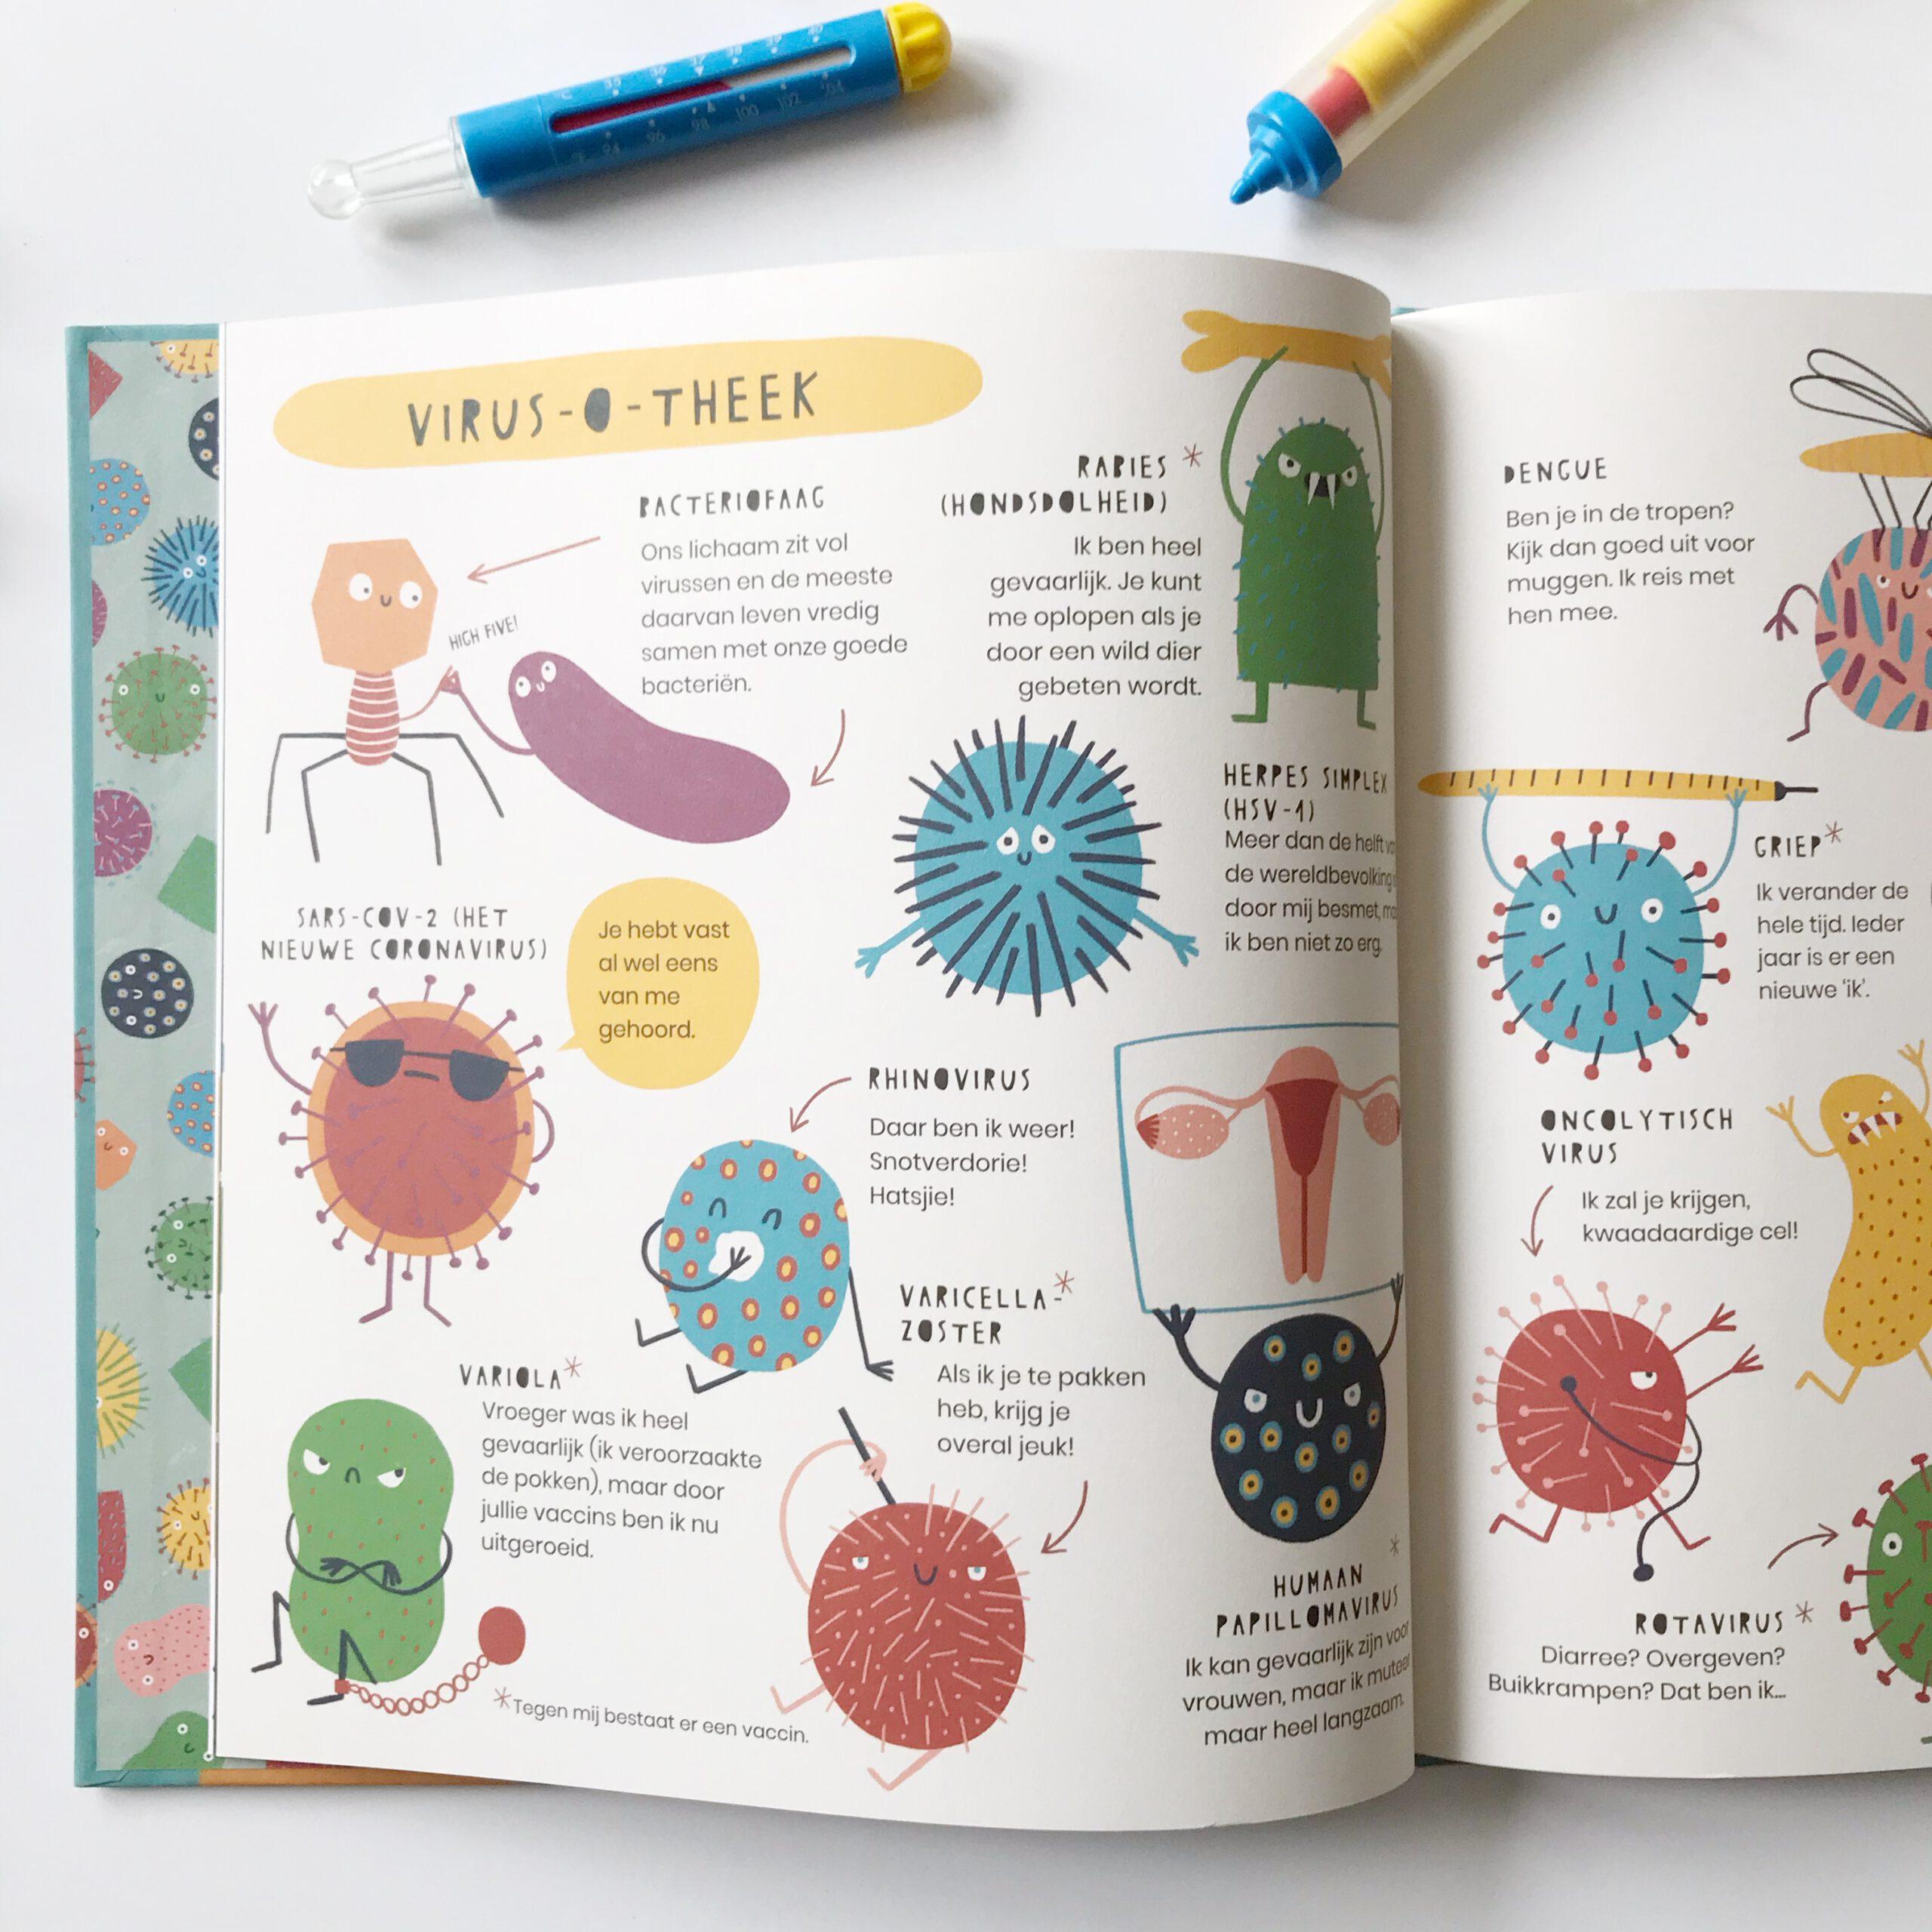 Kinderboek het geheime leven van virussen